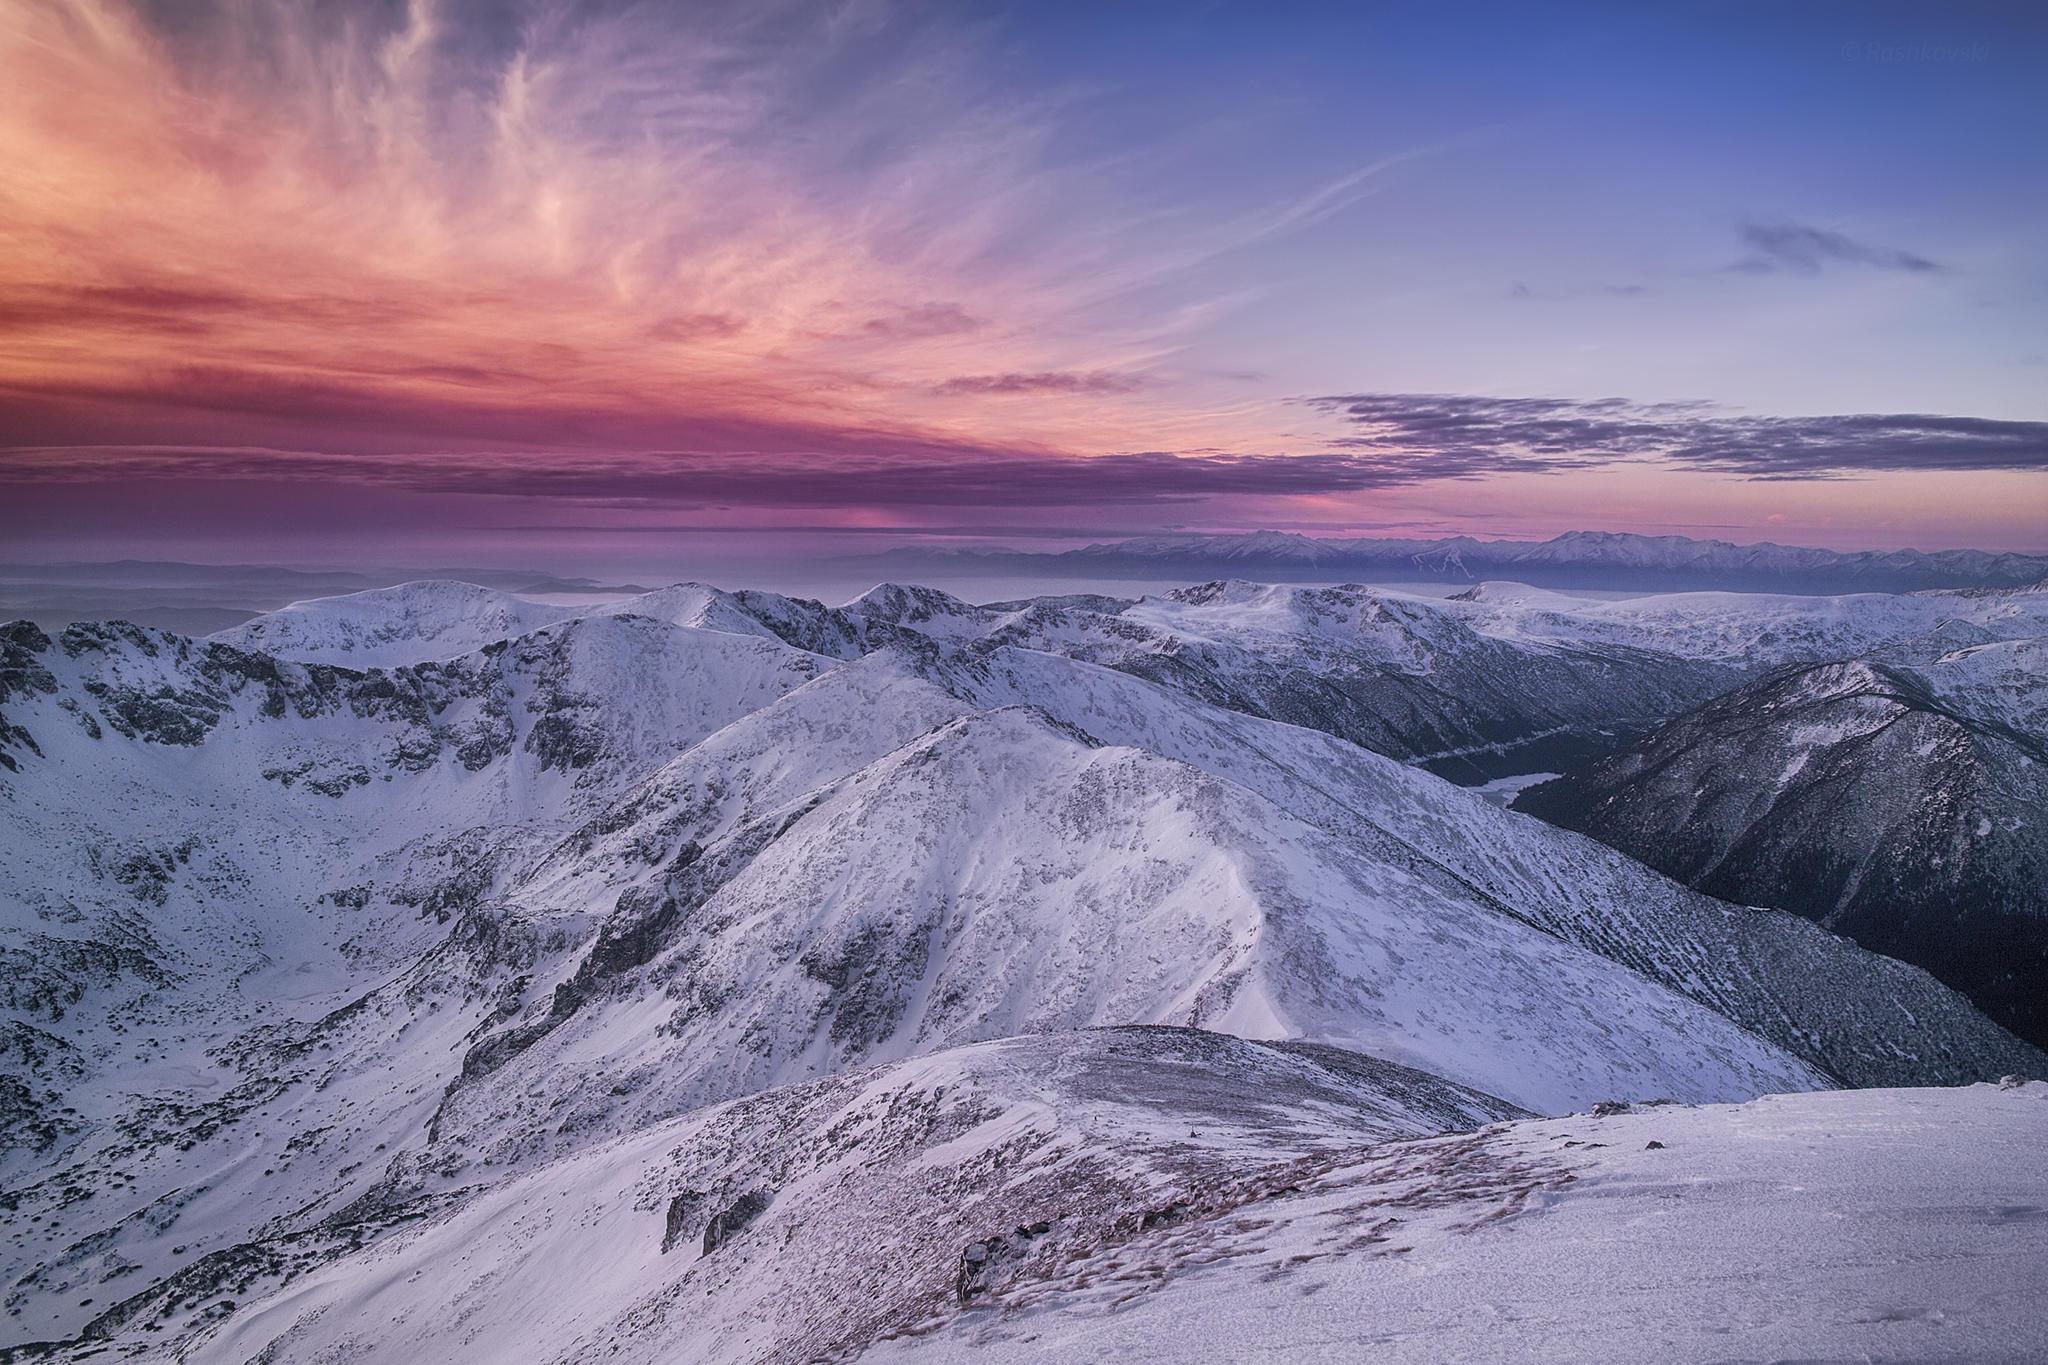 Обои Мусала, самая высокая вершина на Балканском полуострове, Рила-Маунтин, Болгария